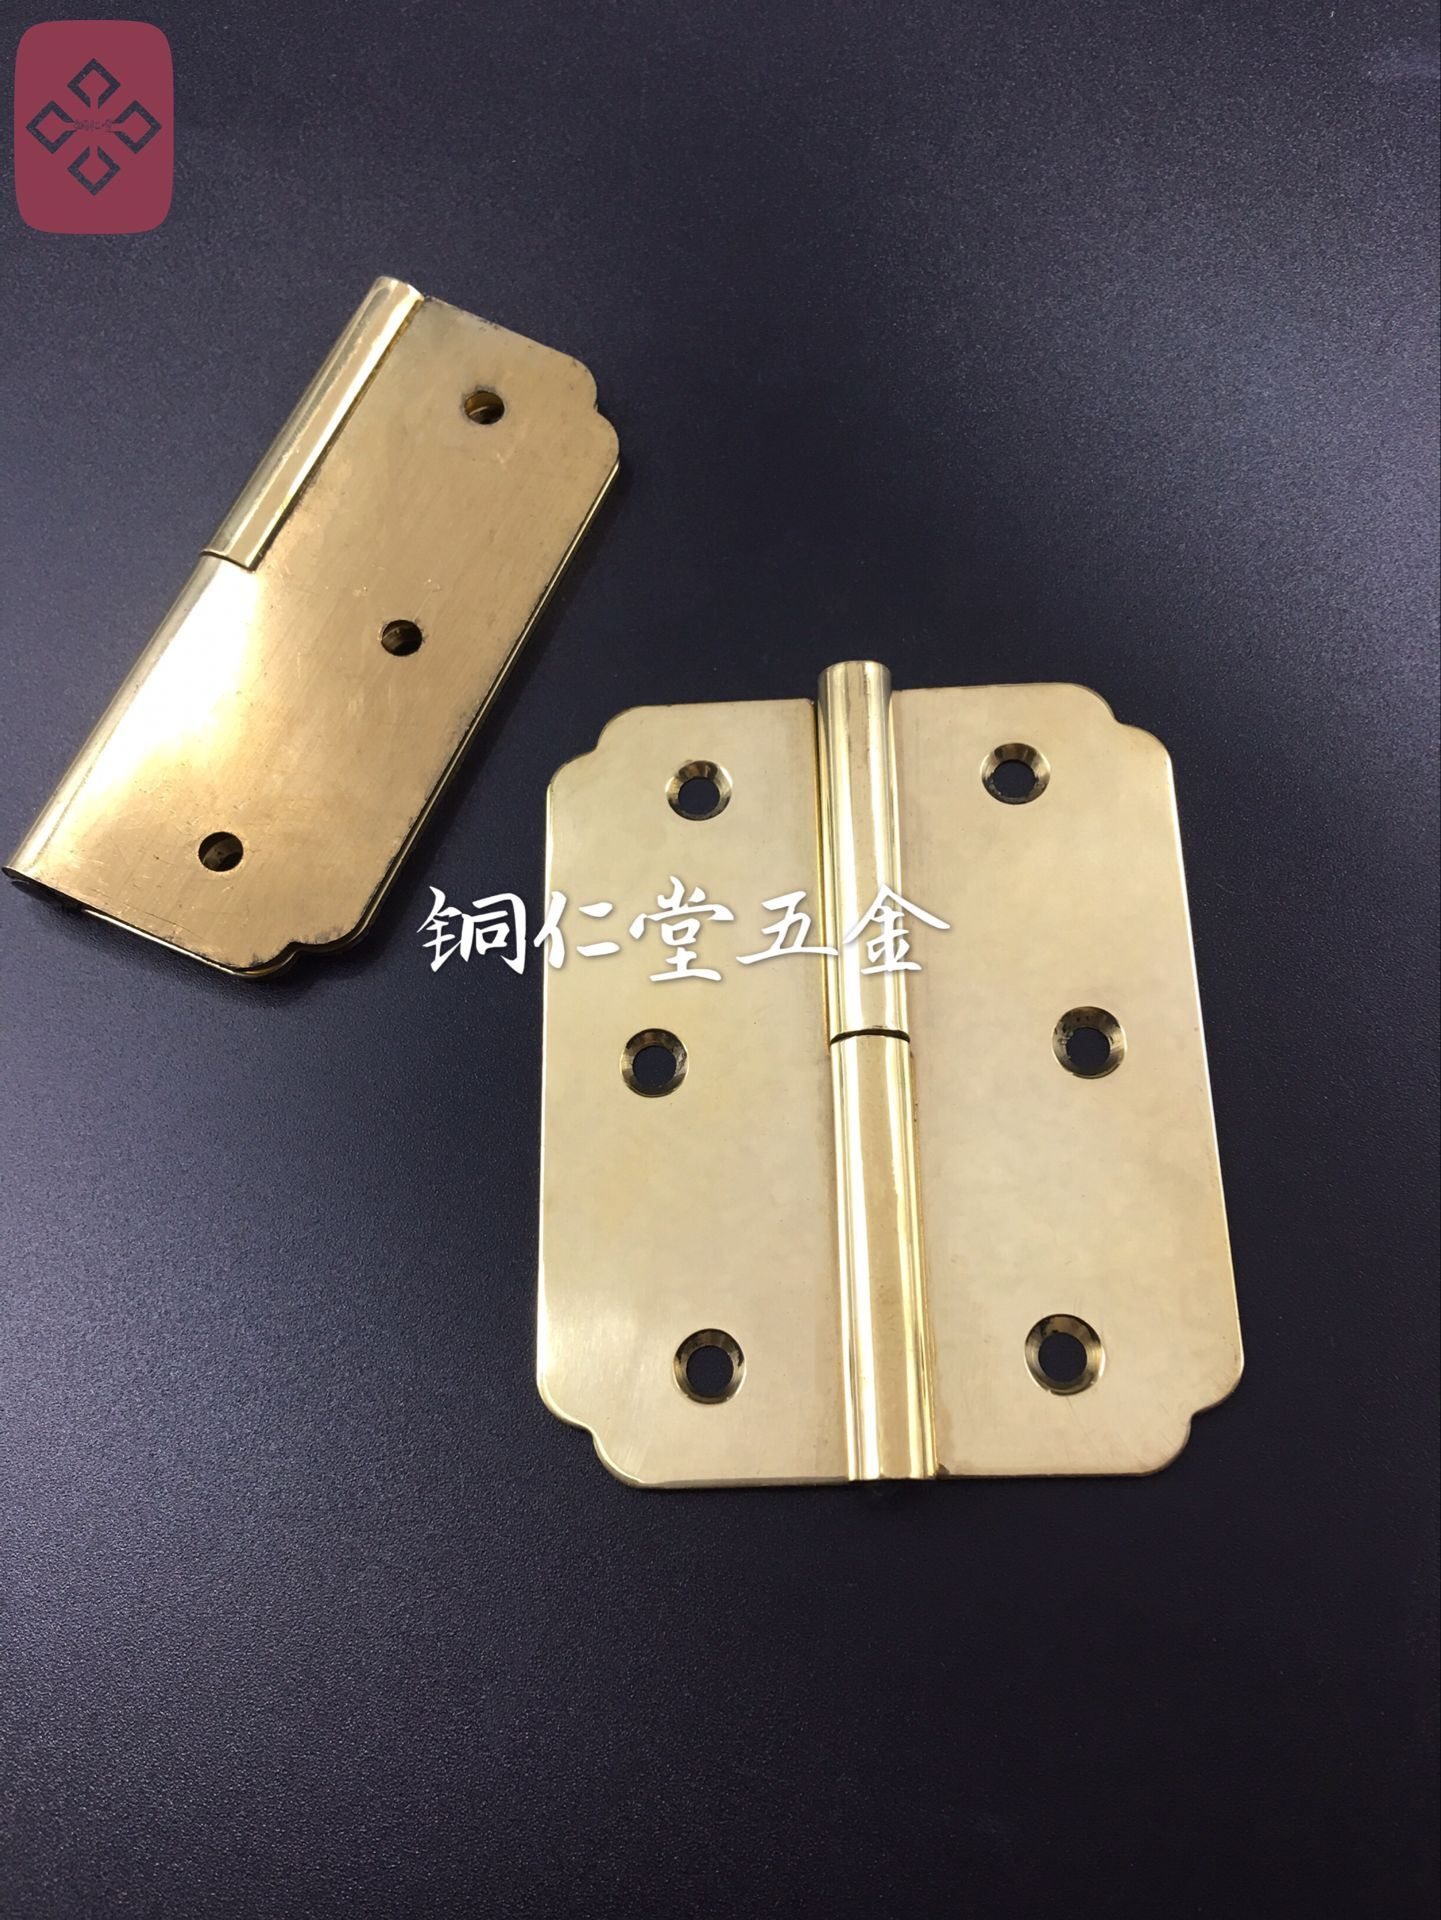 精銅明装ヒンジ家具金属パーツ中国式の銅部品頂箱柜ヒンジキャビネットヒンジ